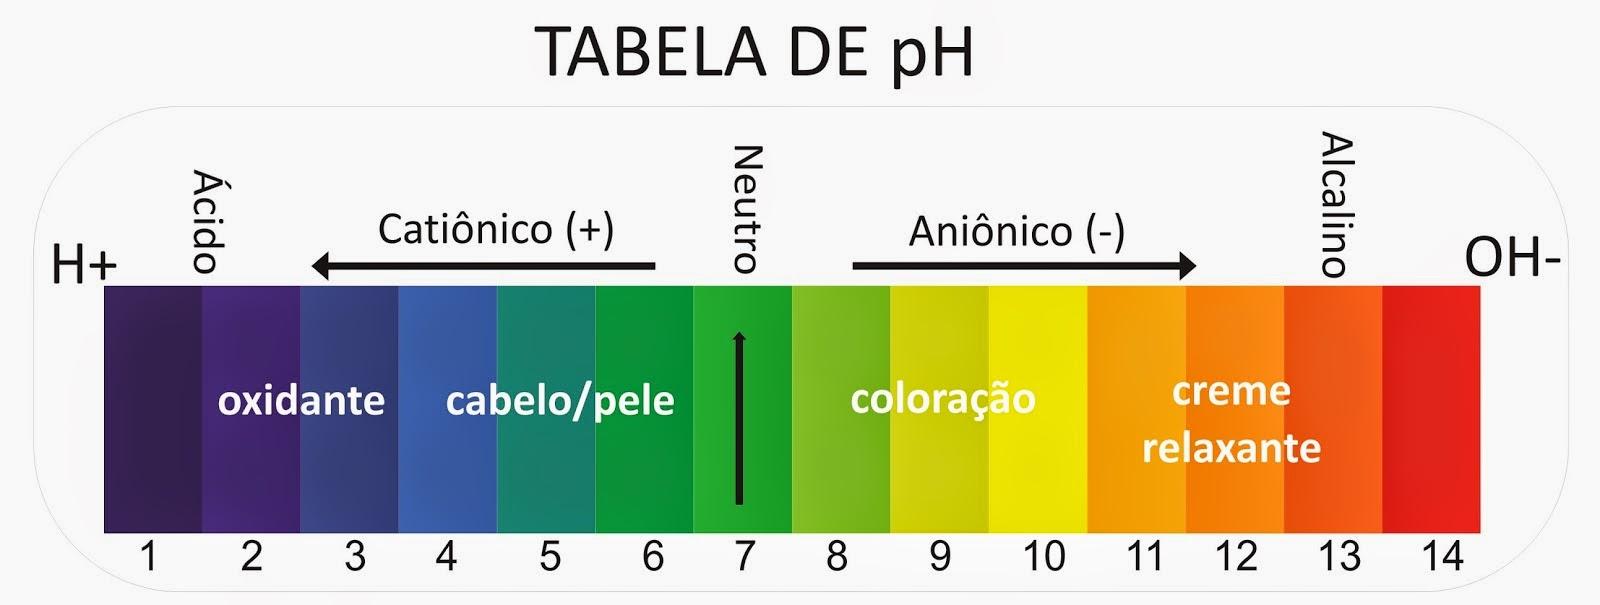 loucasporshampoo  Escala de pH ph do cabelo e pele alguns produtos e seu ph